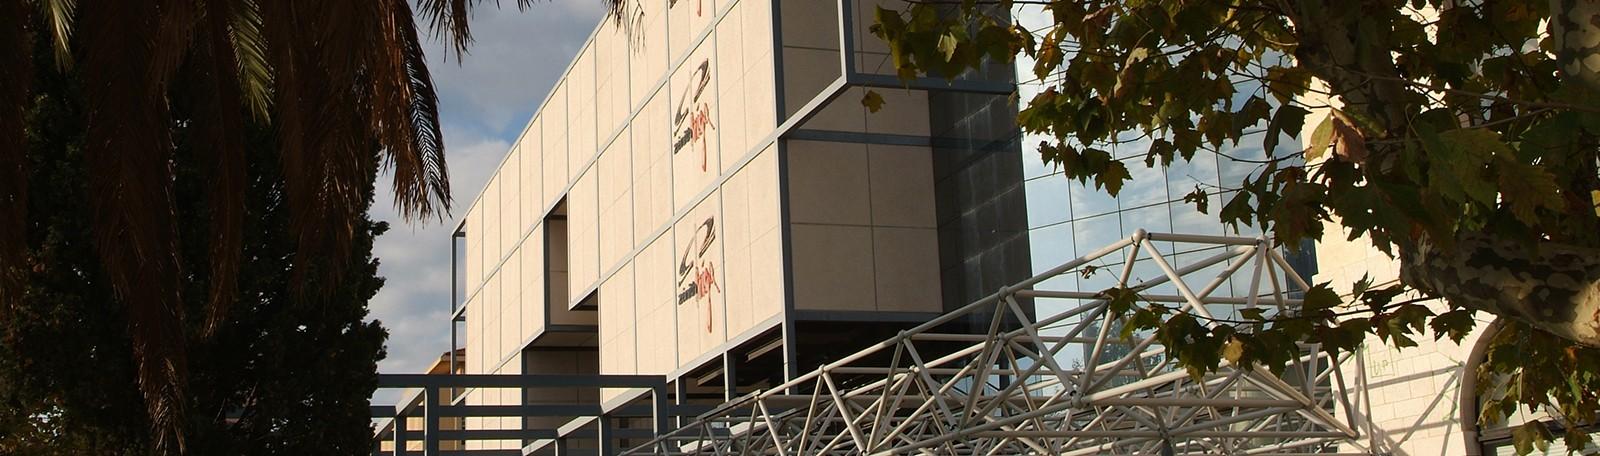 Car Park Toulon Zénith Oméga concert hall